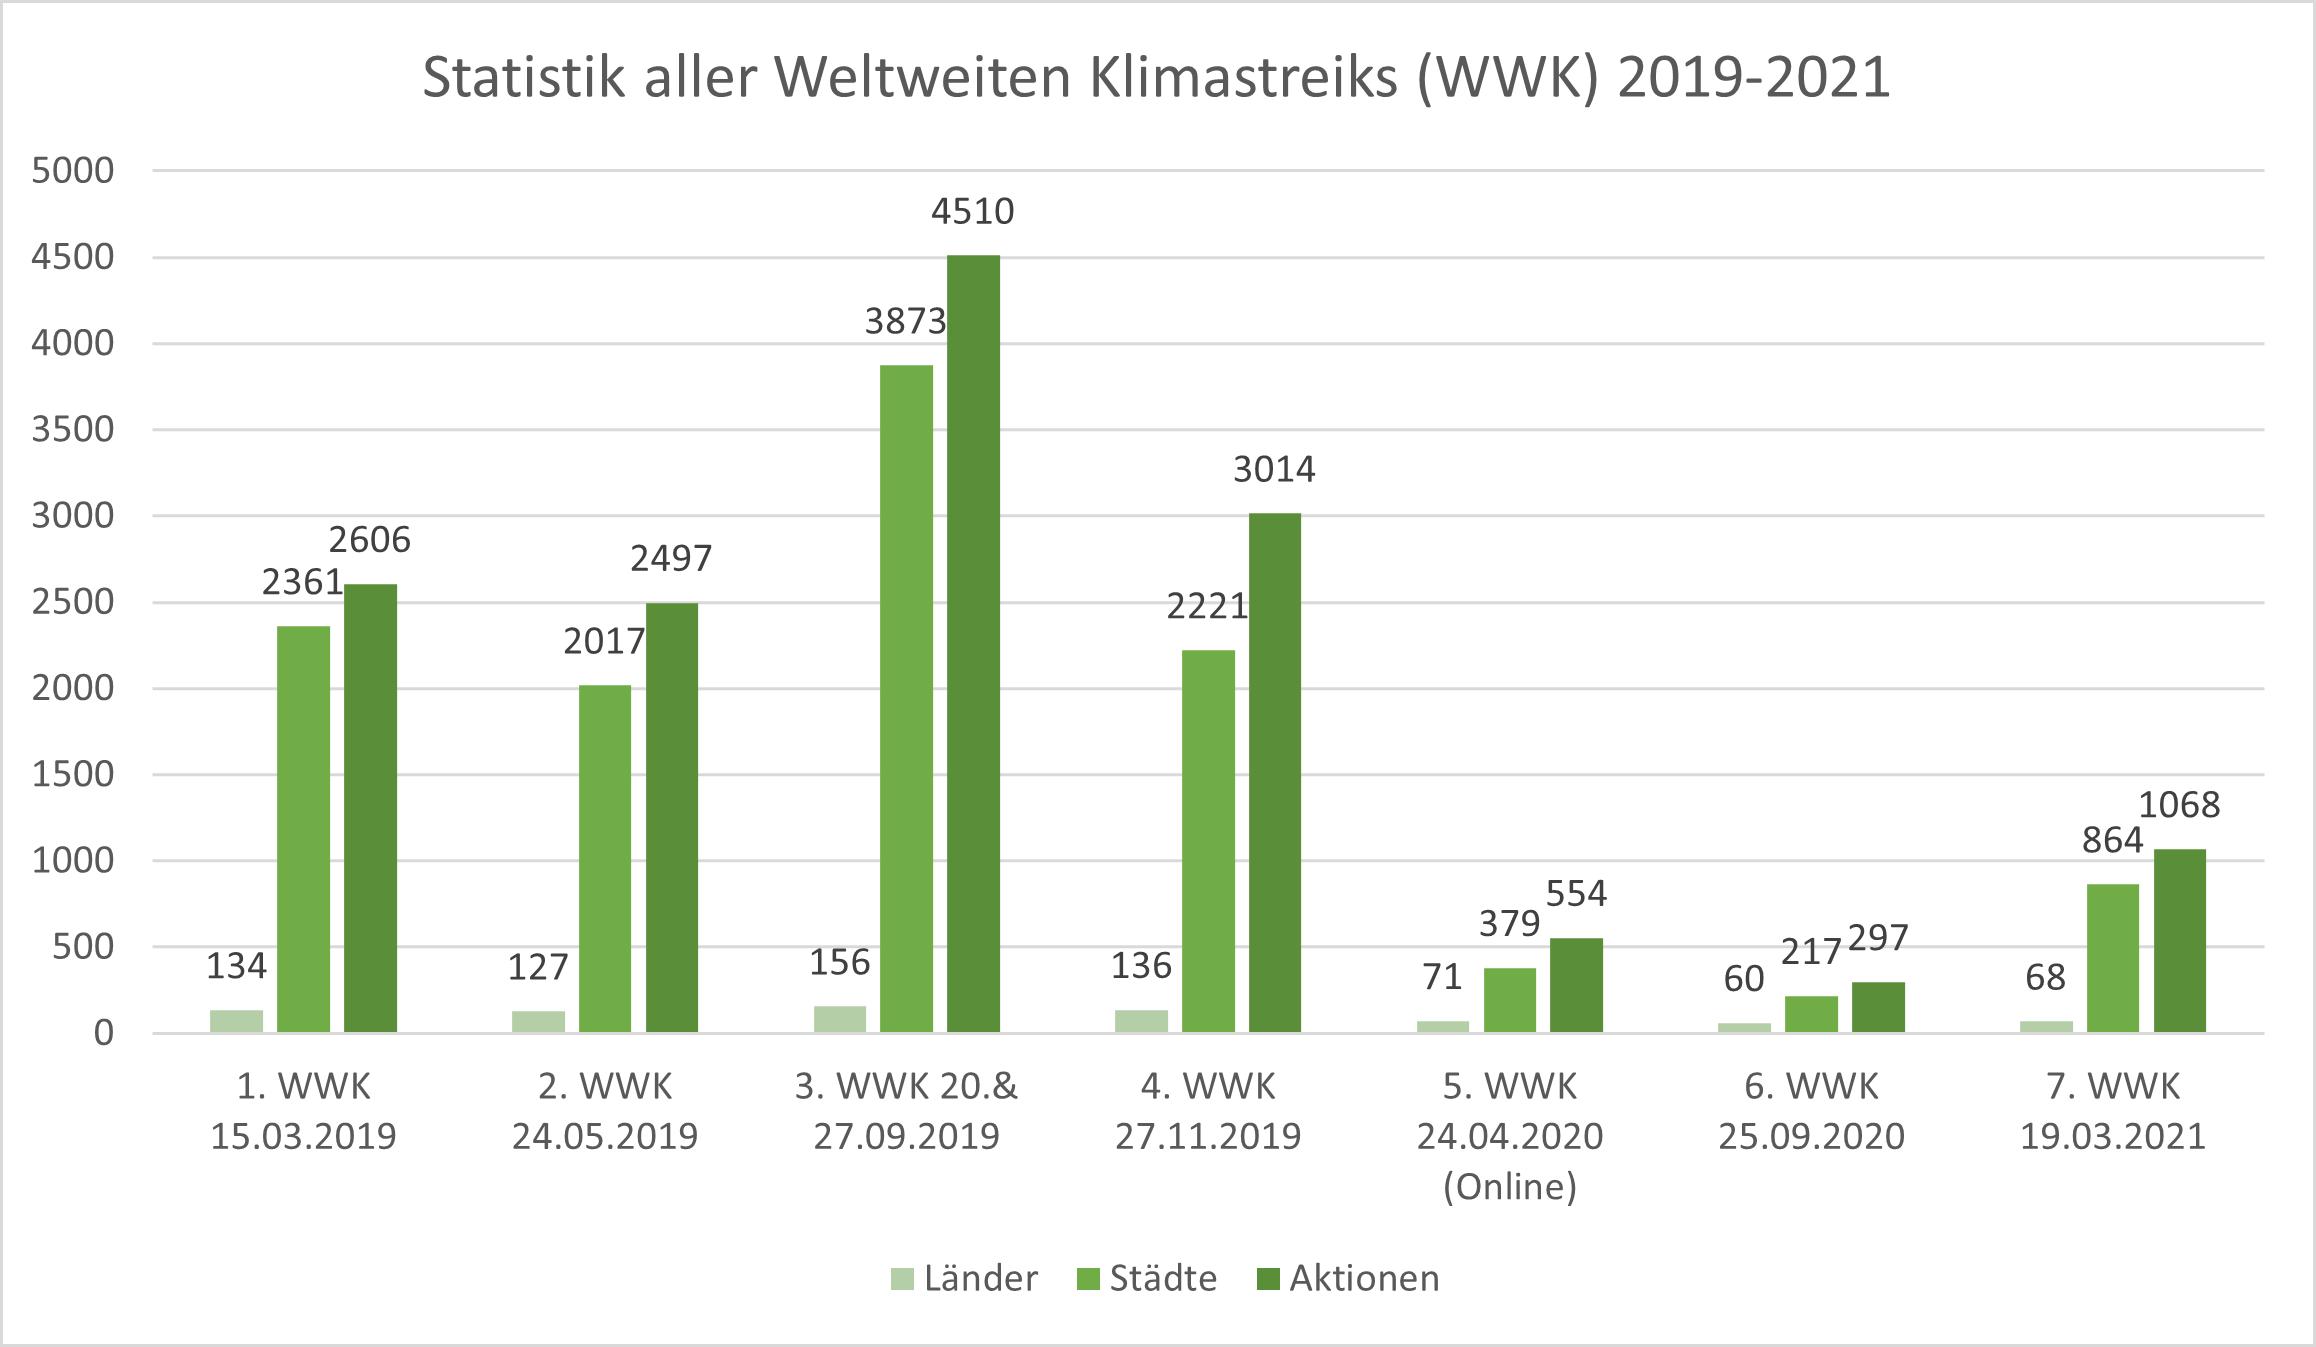 Balkendiagramm mit Statistik aller globalen Klimastreiks seit dem Jahr 2019, aufgeteilt in Länder, Städte und Streik-Aktionen